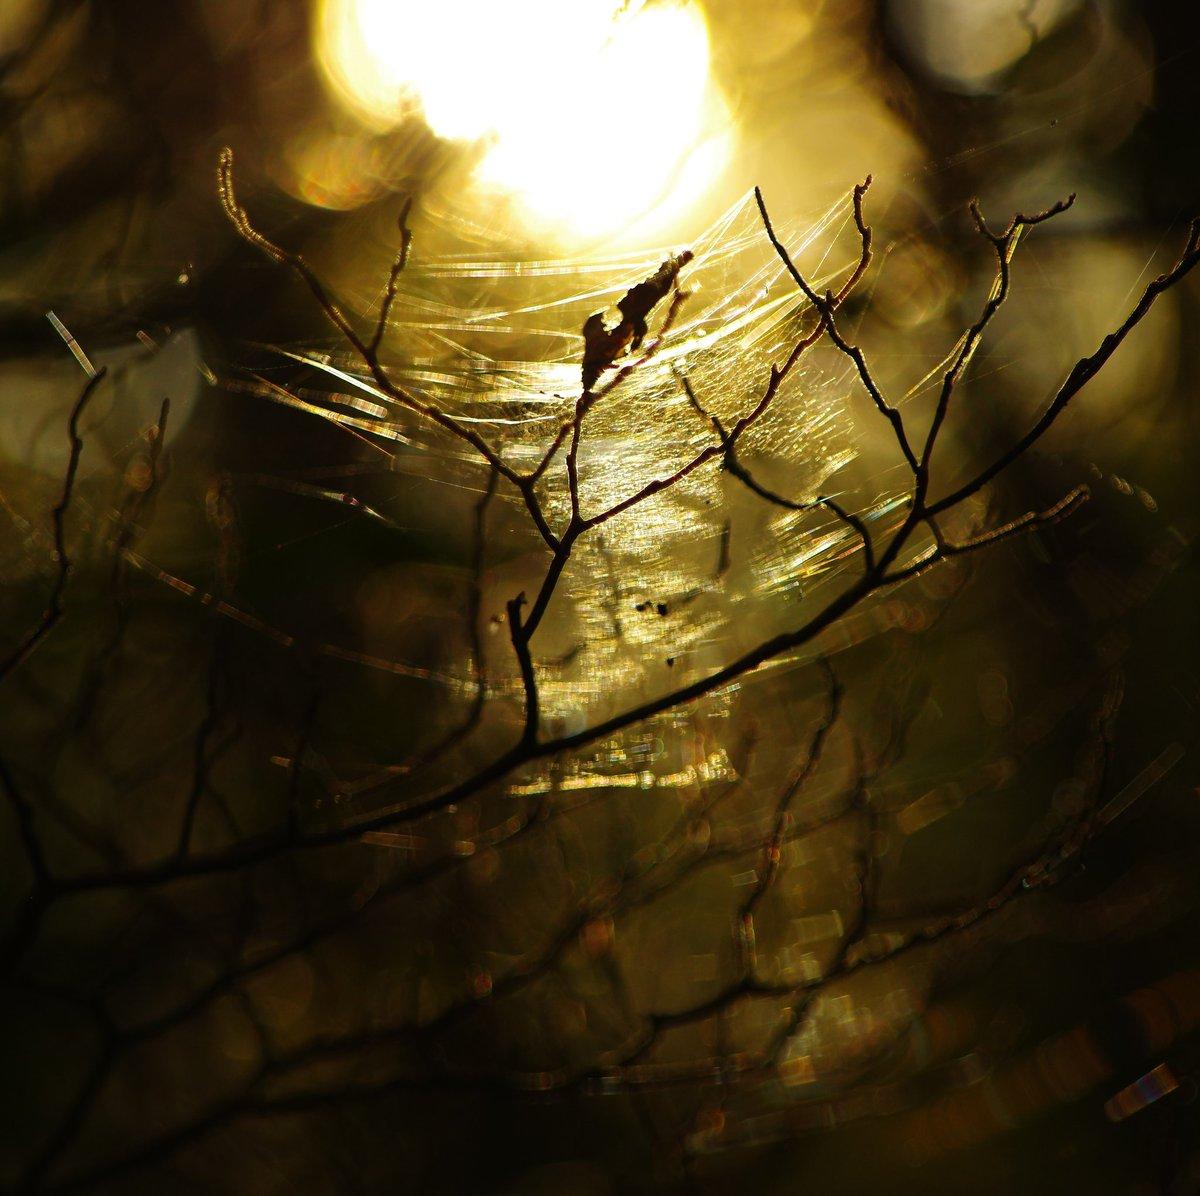 森の光 何が美しいと思うかは人それぞれですが、私はこういう光景が美しいと思います。 #森の光 #pentax https://t.co/0WGK6Ad1OZ